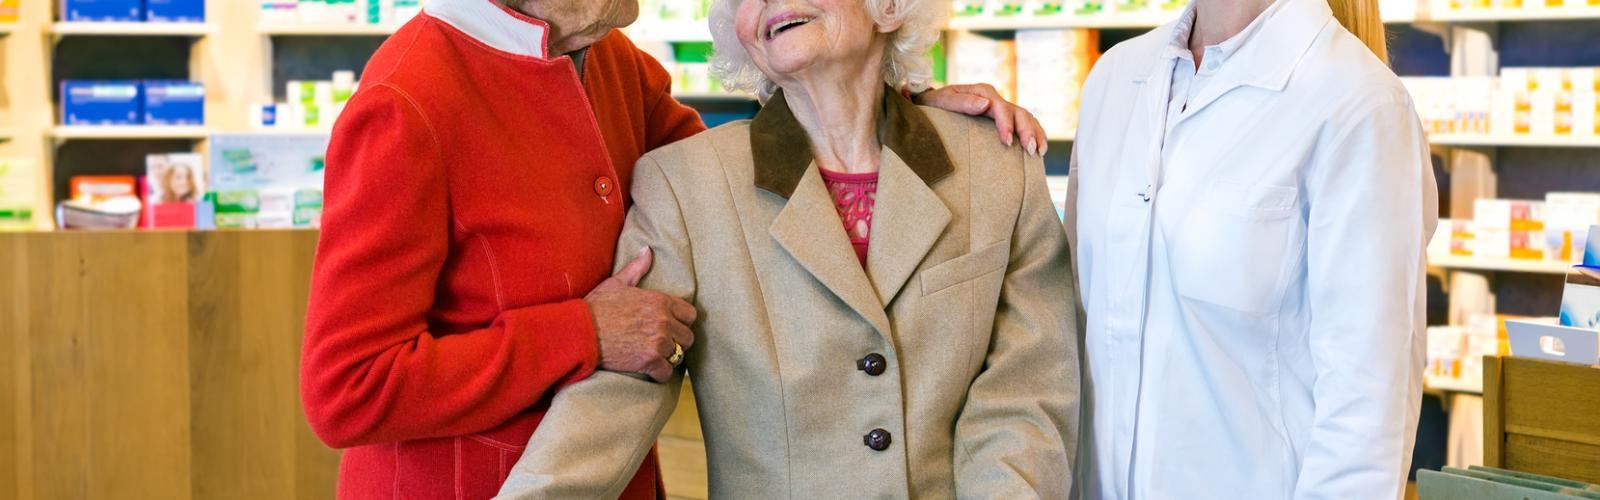 Déplacement extérieur Personnes âgées